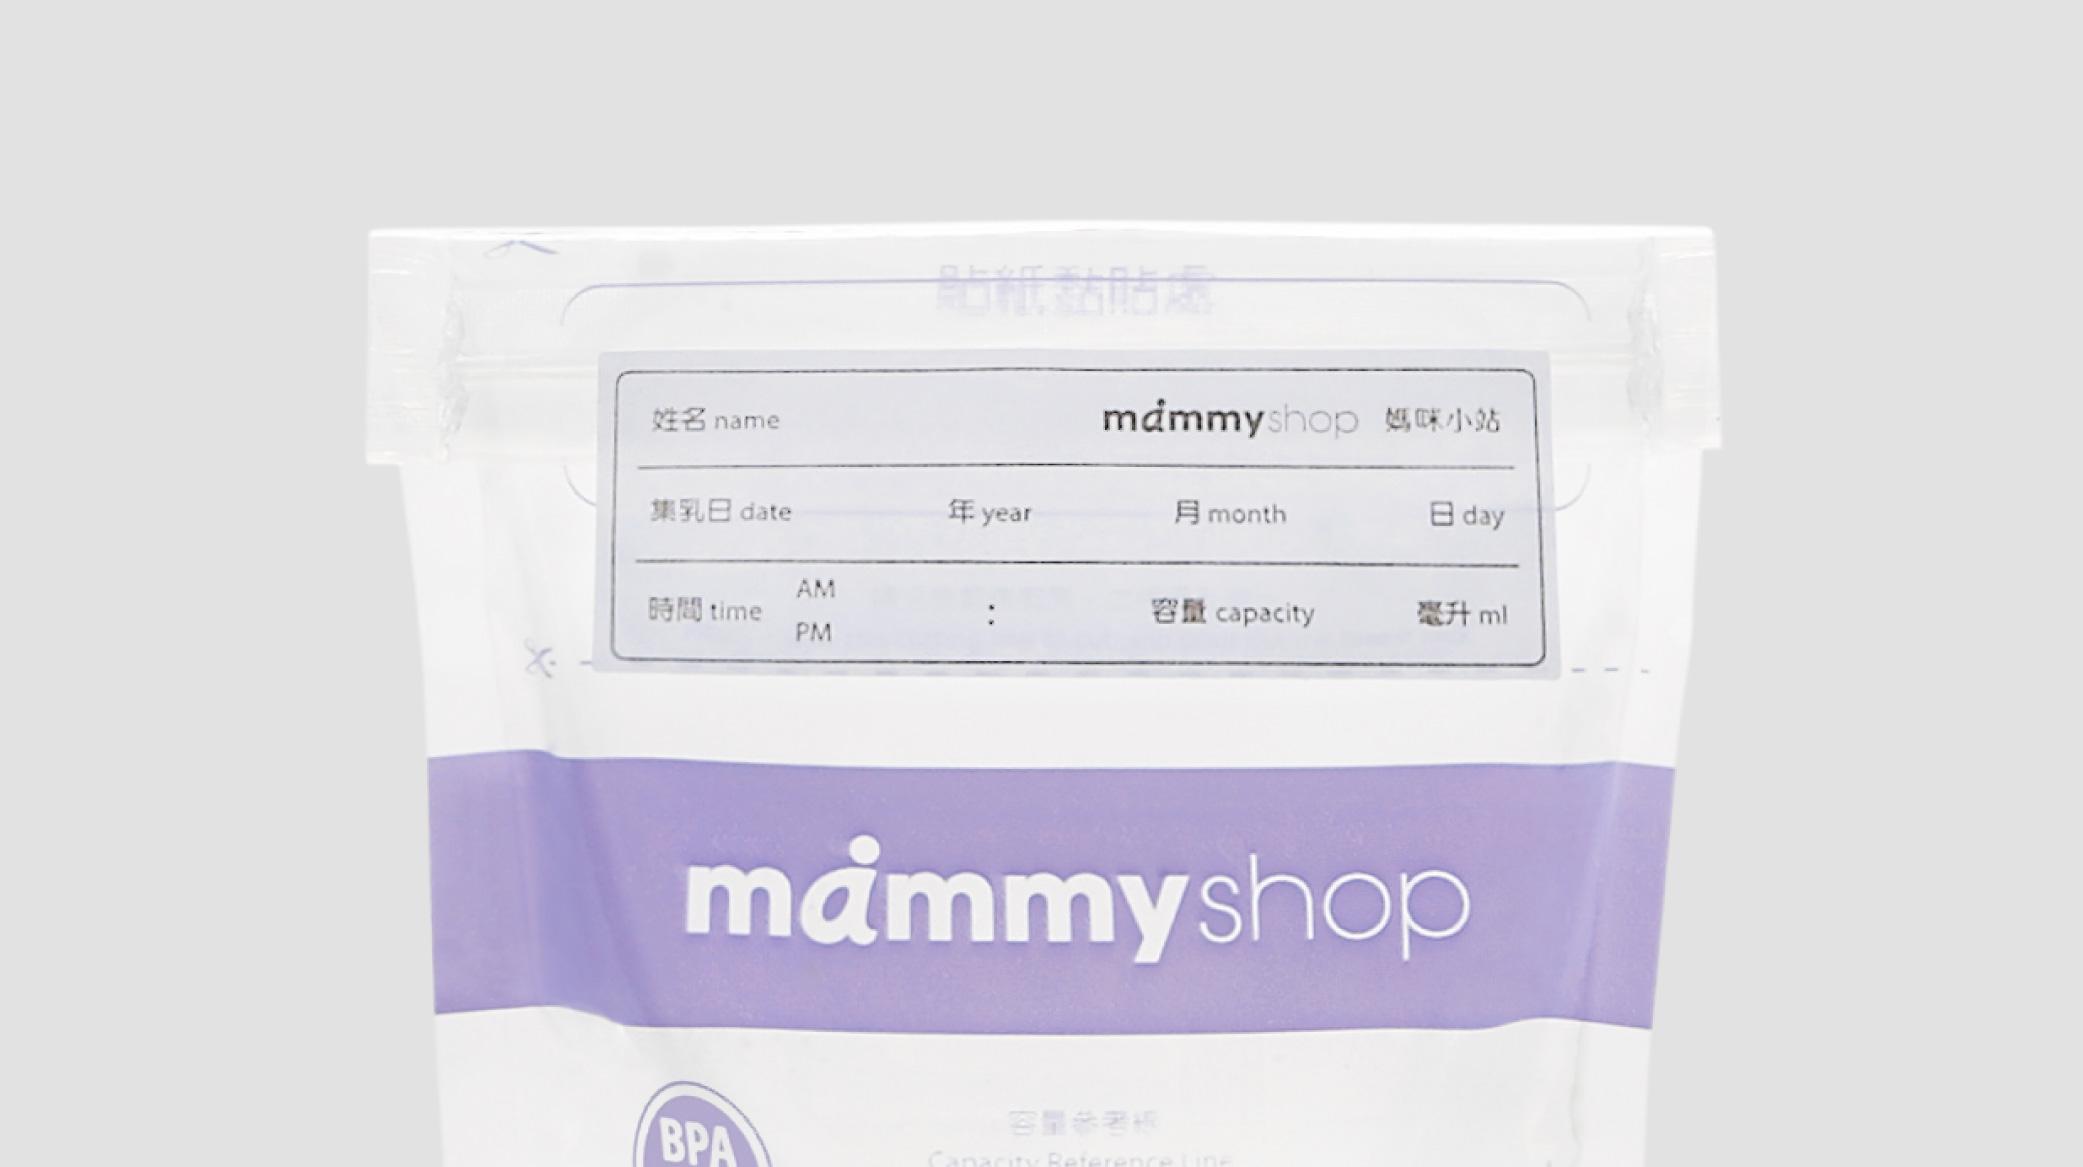 milkbag-mainbar-04